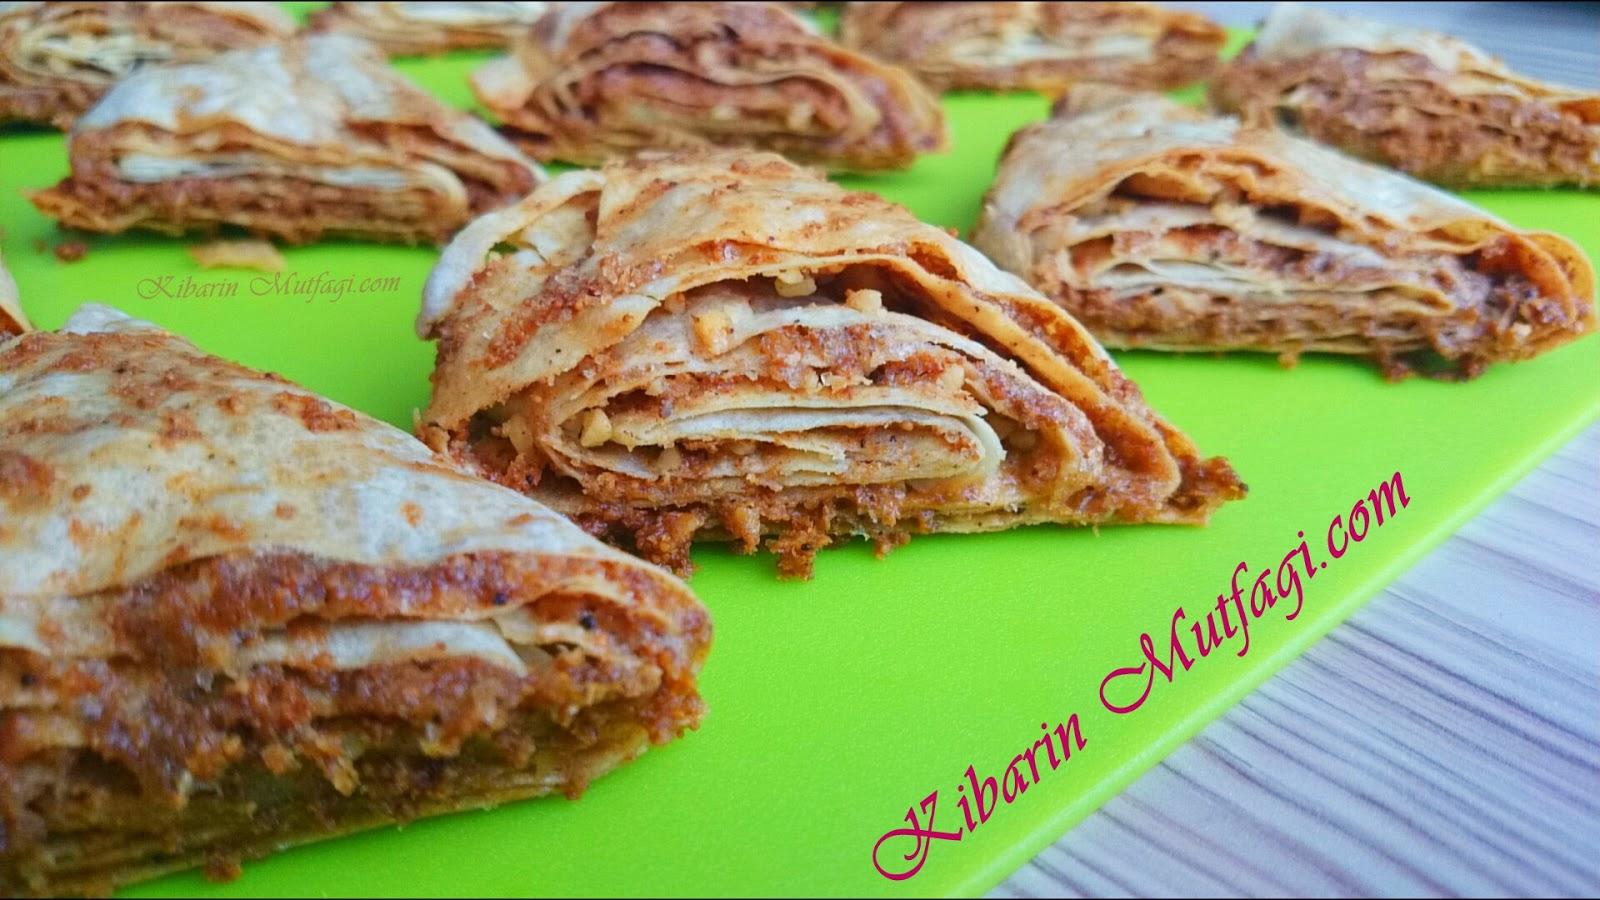 Tek yufka ile 5 dakkada tavada kolay börek yapılışı – Pırtık böreği tarifi – Kahvaltılık tarifler